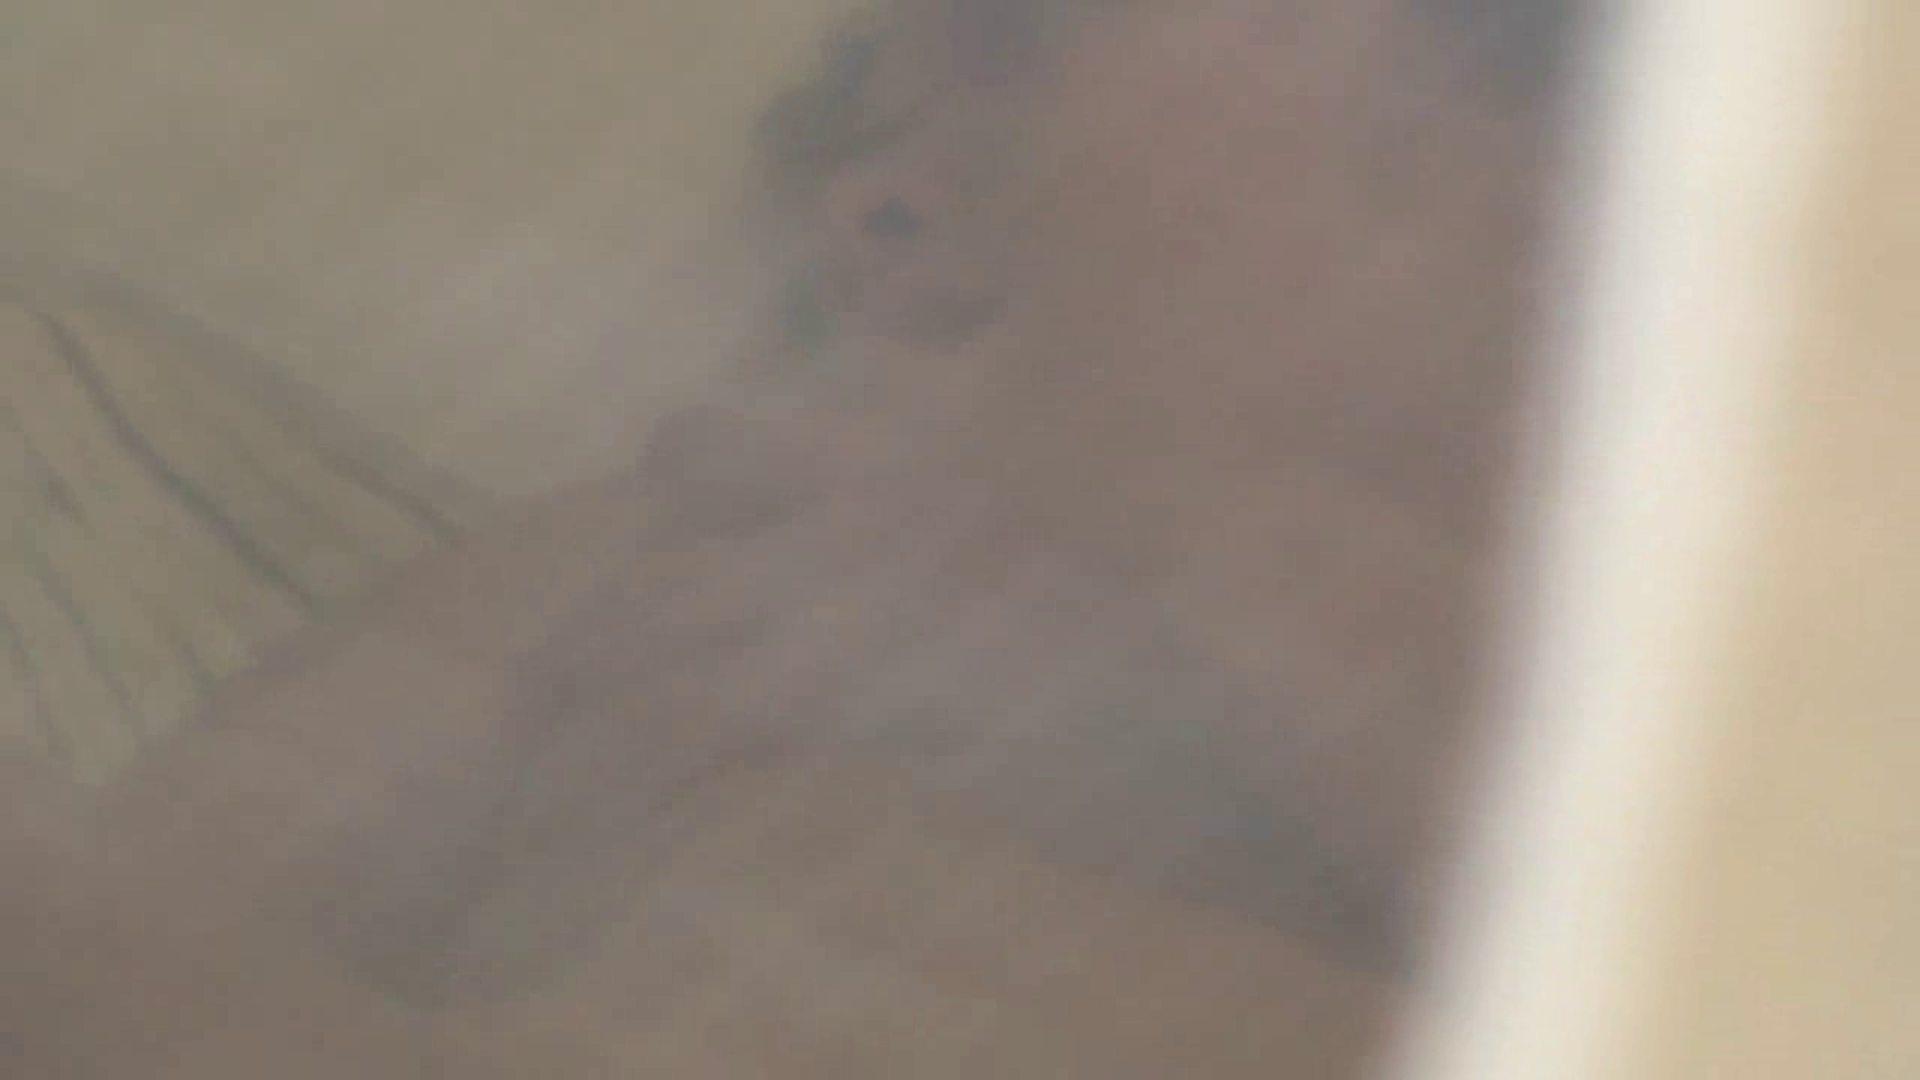 老舗ペンション2代目オーナーが流出したお宝映像Vol.3 オナニーする女性たち   OLセックス  90画像 33